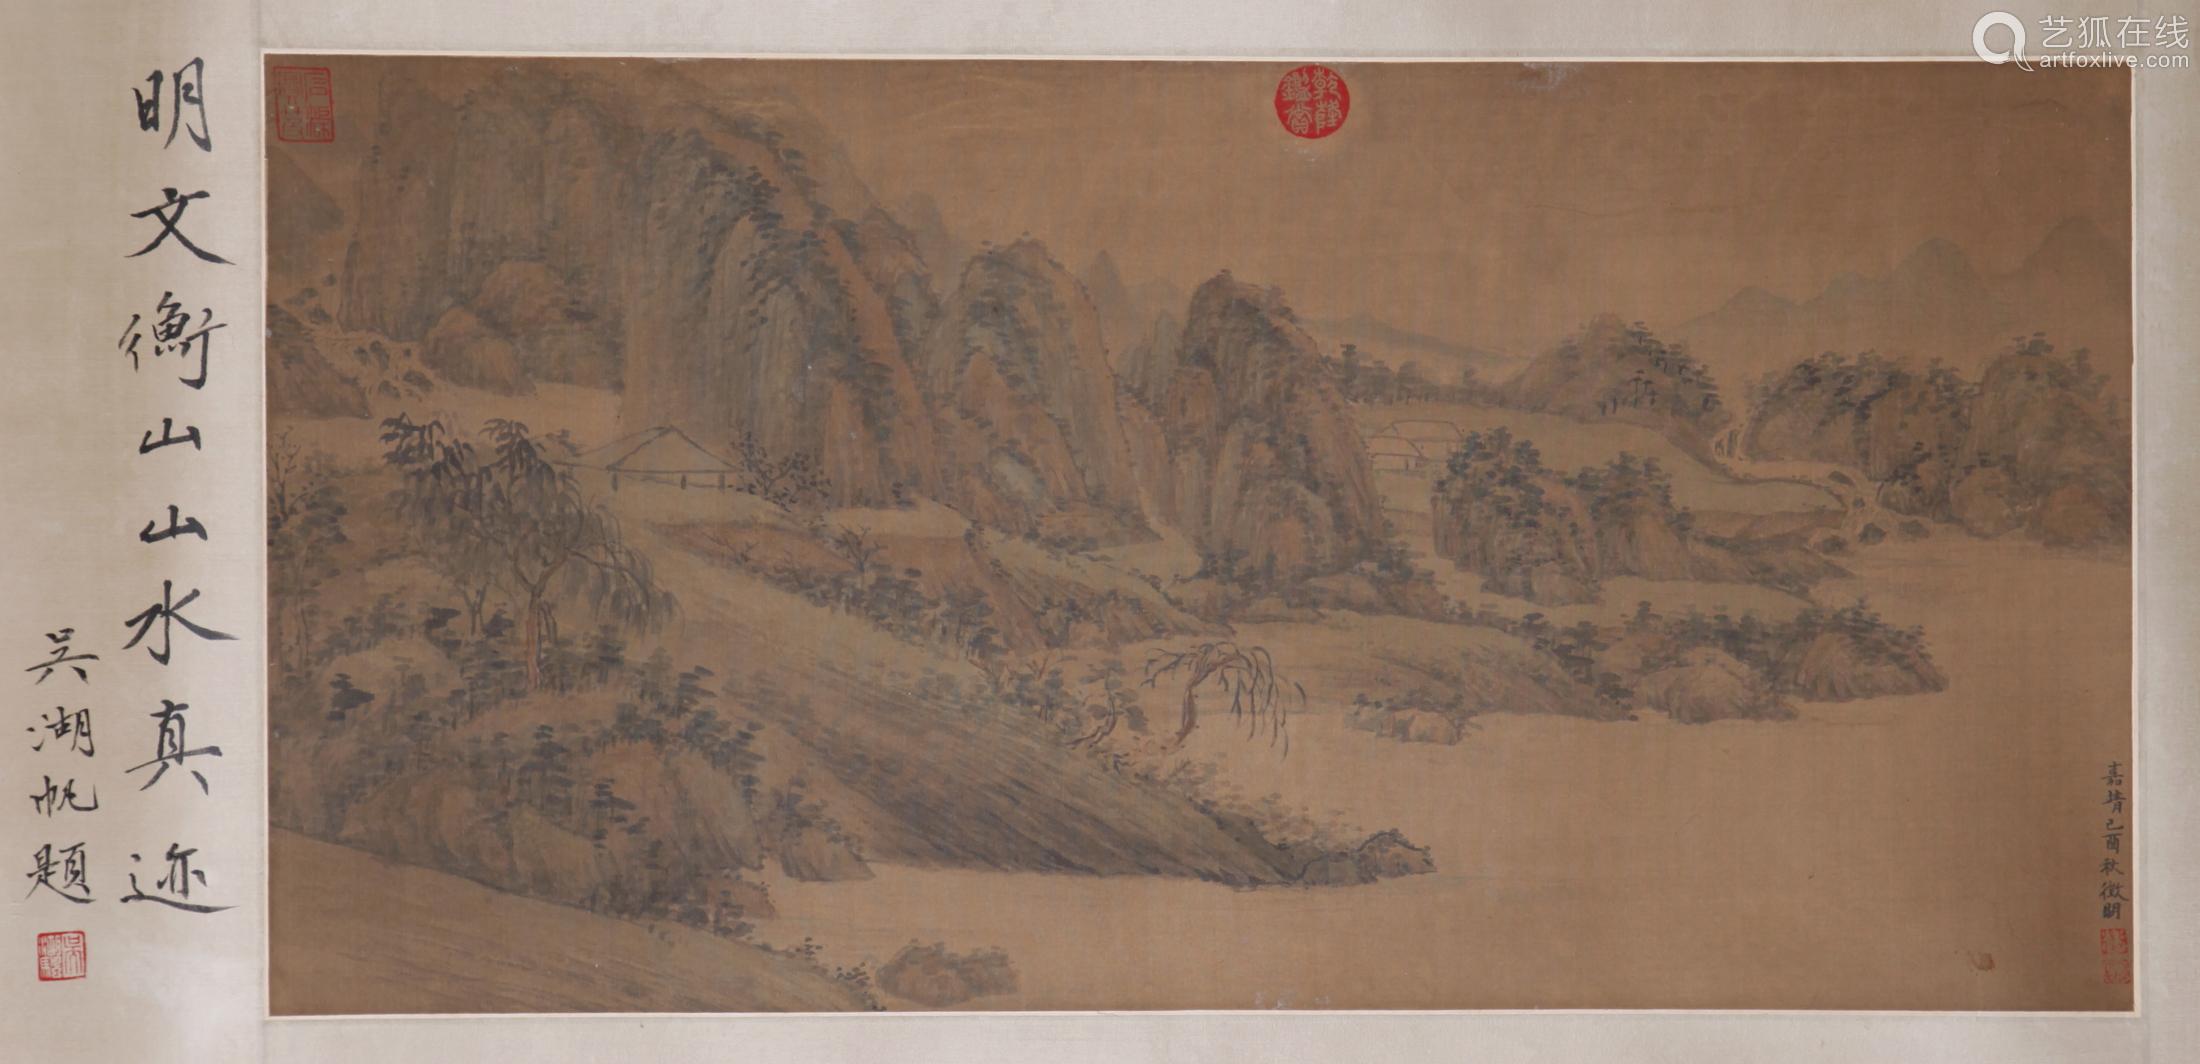 Wen Zhengming - Mountain Scenery Shan Shui Painting